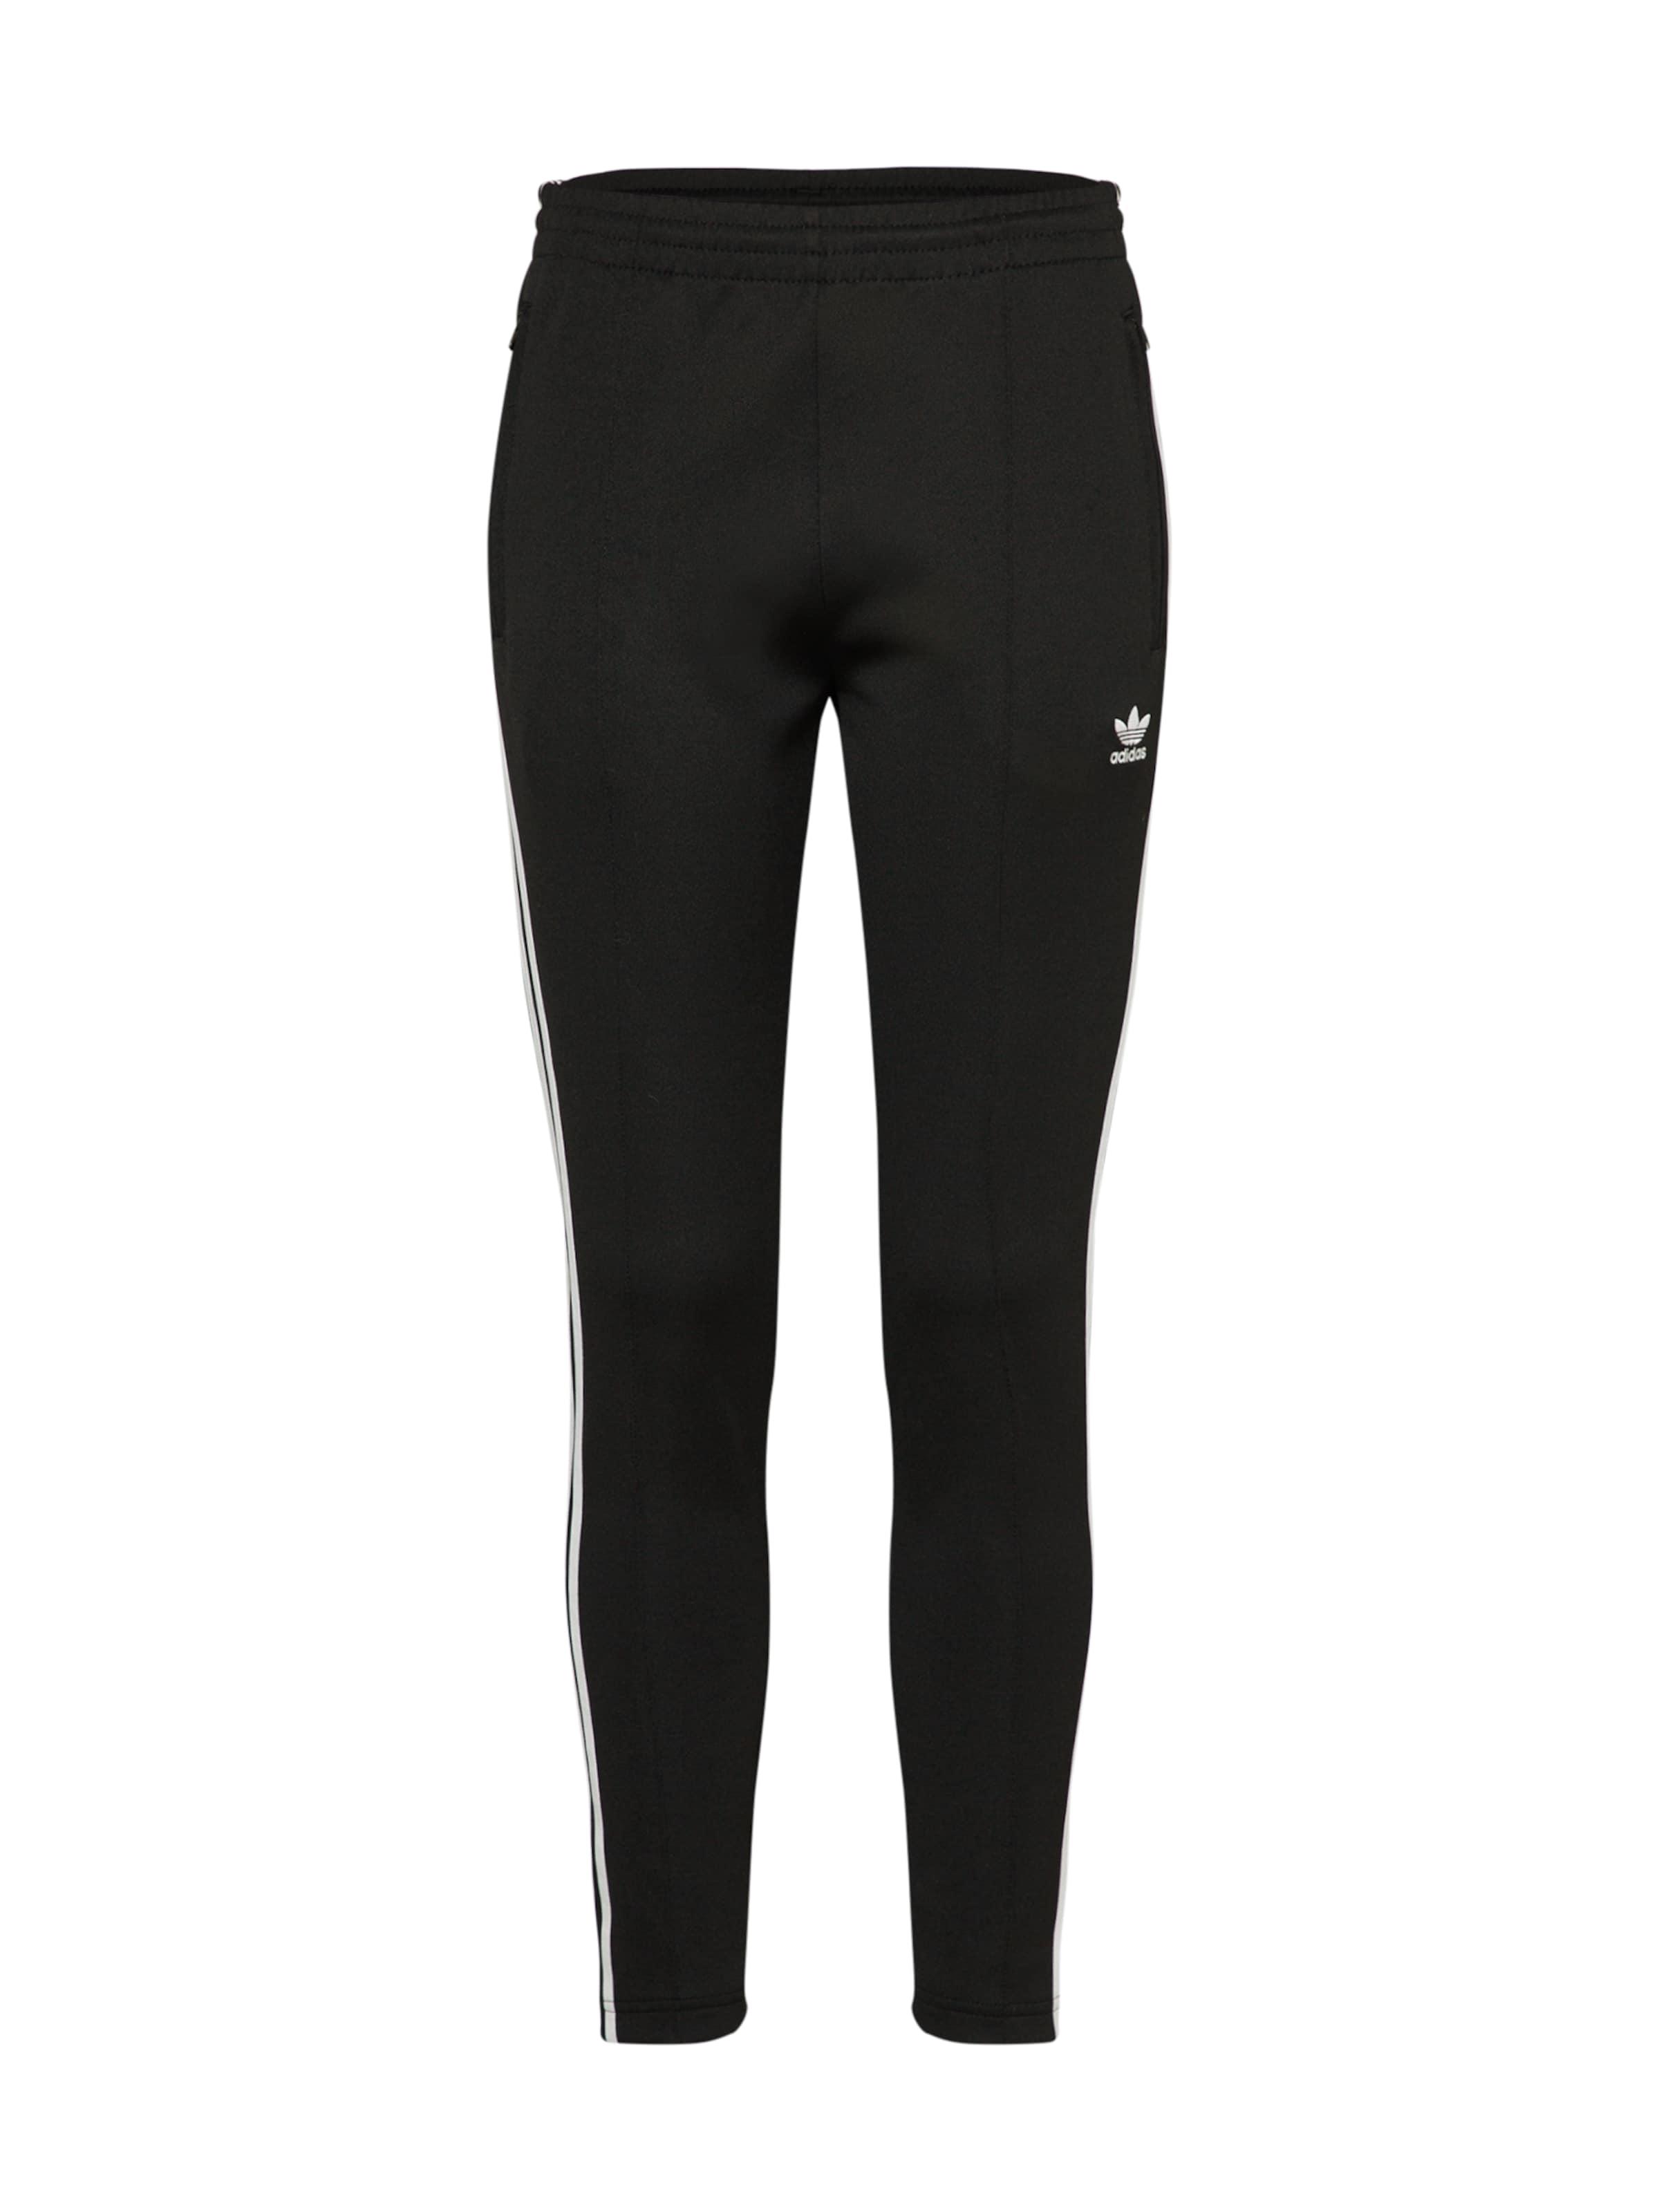 Tp' Adidas In ZwartWit Originals Broek 'sst xrdECQBoeW